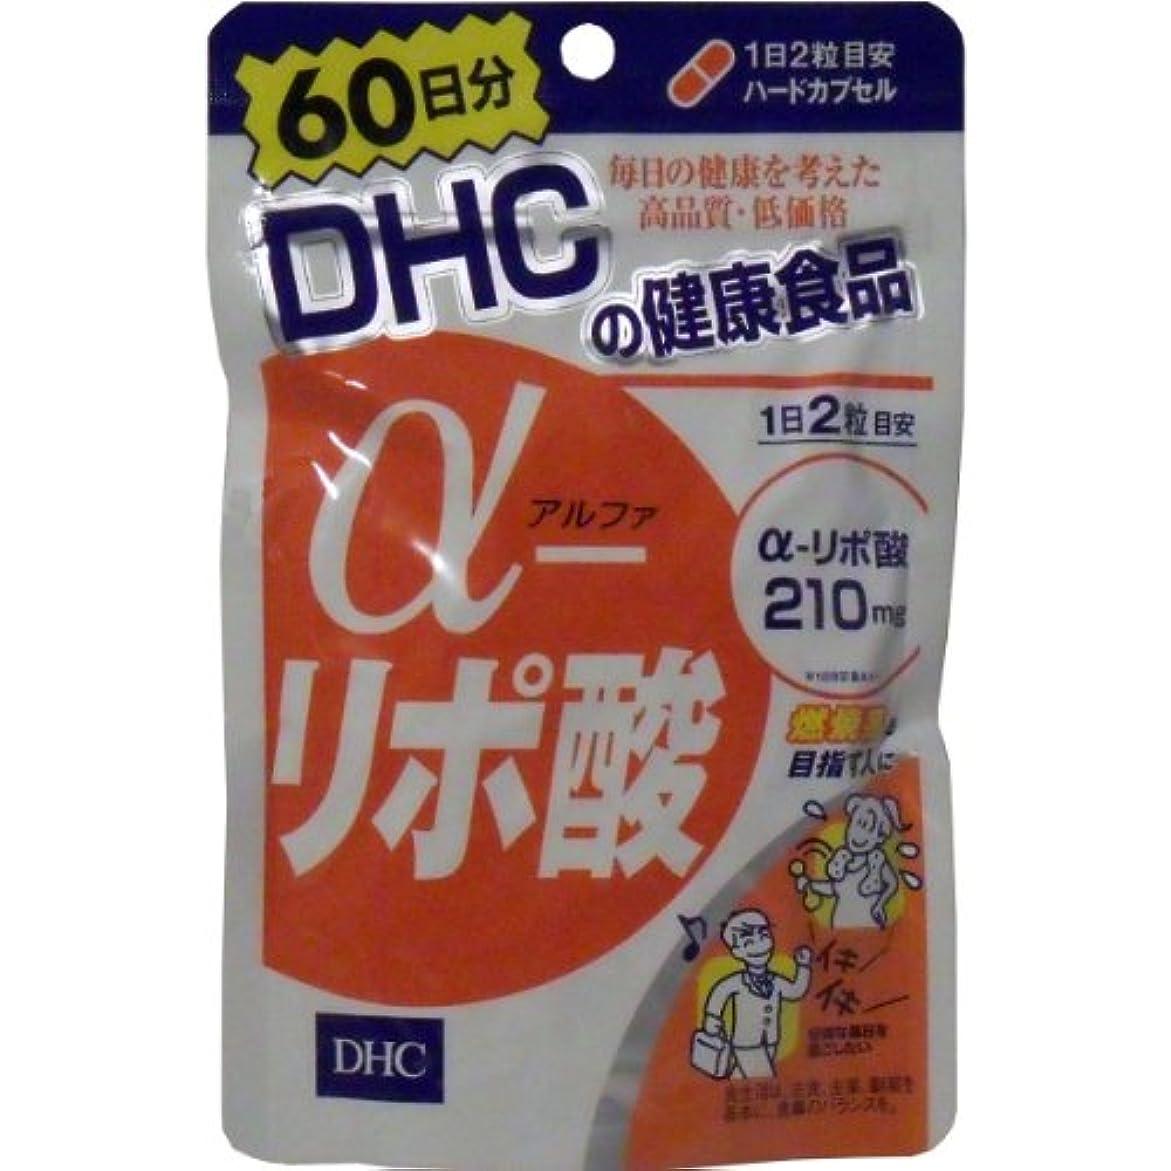 ガス試験船α-リポ酸は、もともと体内にあるエネルギー活性成分。サプリメントでの効率的な補給がおすすめ!DHC120粒 60日分 【3個セット】